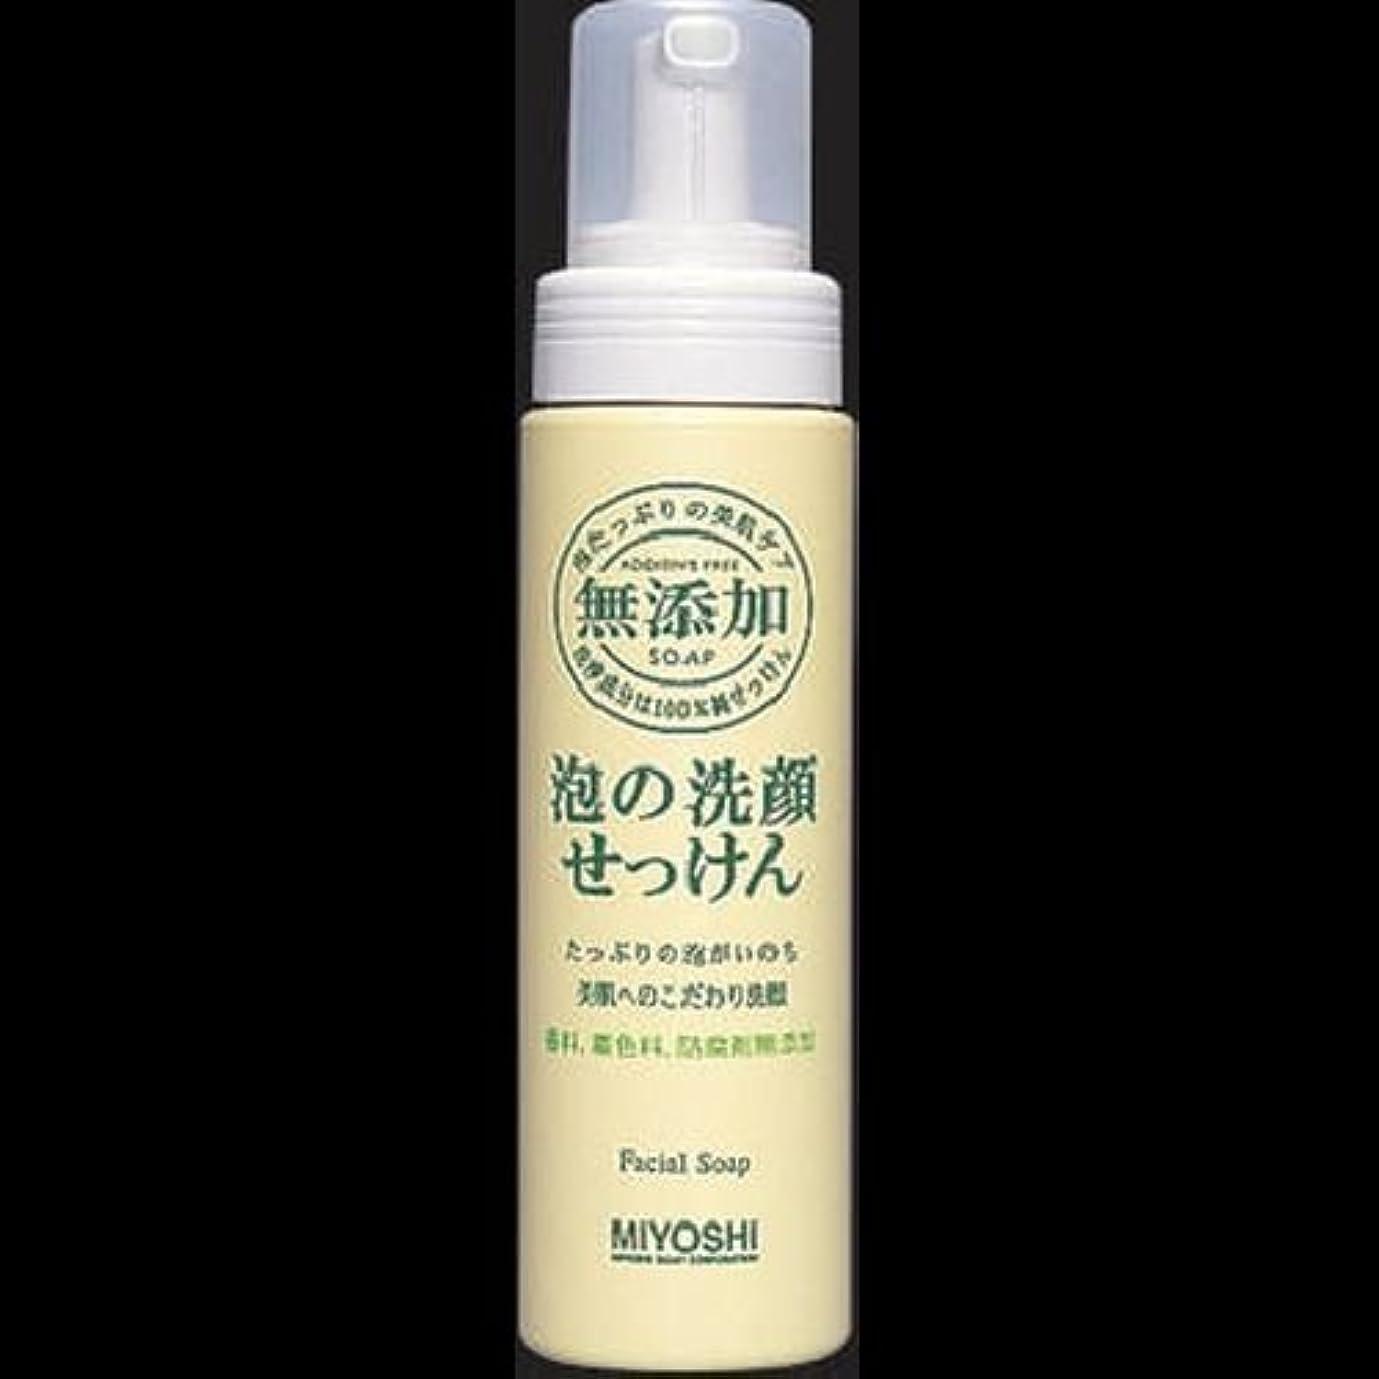 真鍮騒限り【まとめ買い】ミヨシ 無添加 泡の洗顔せっけん ×2セット